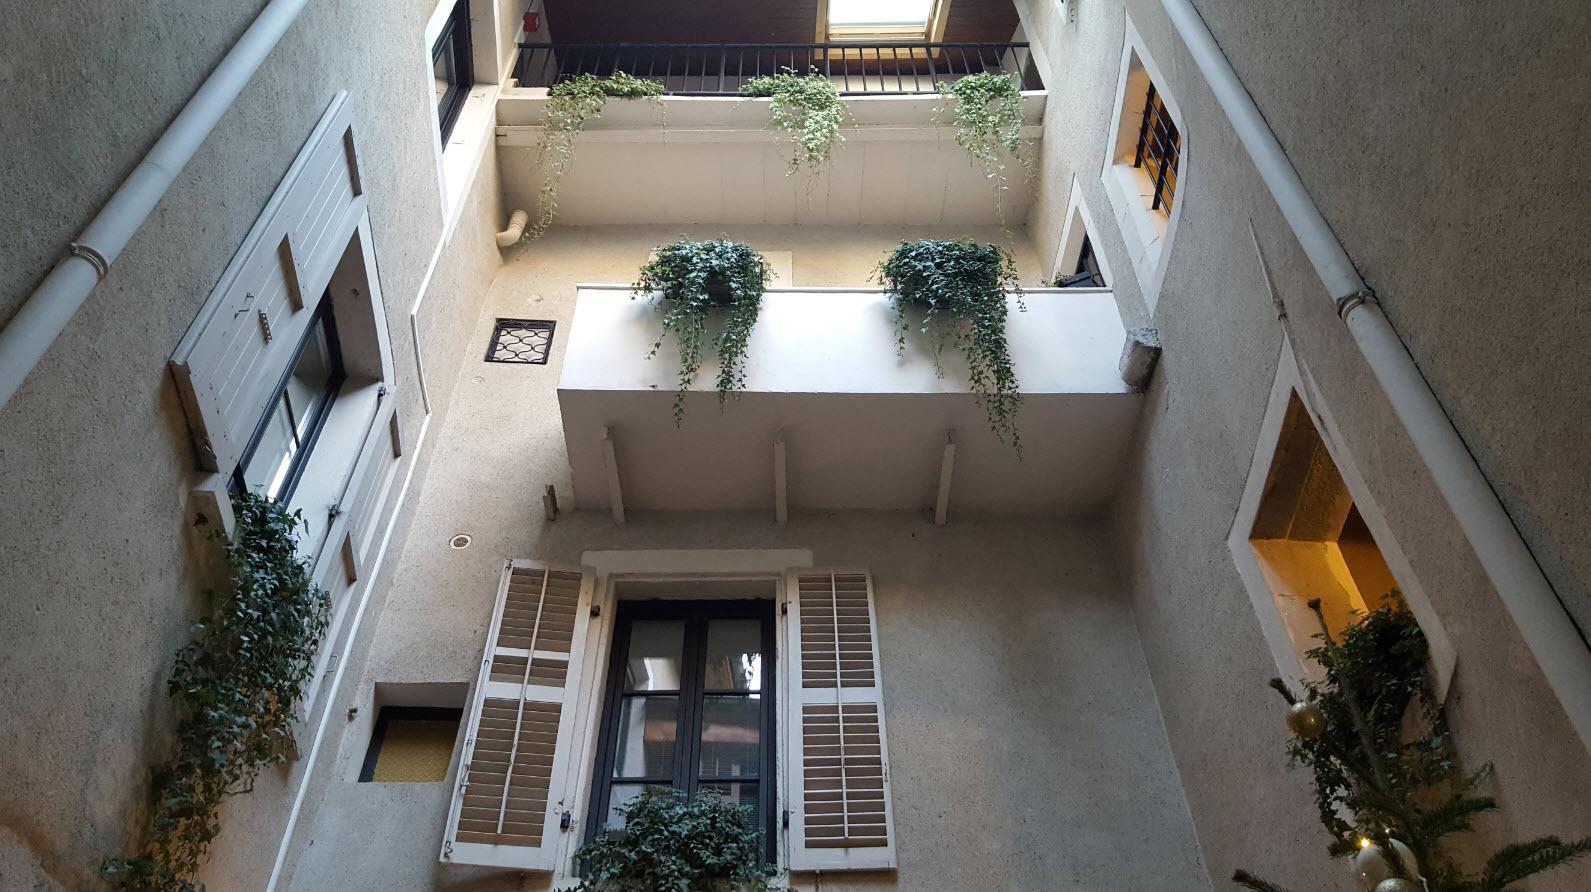 Interieur du batiment et de la cour interieure